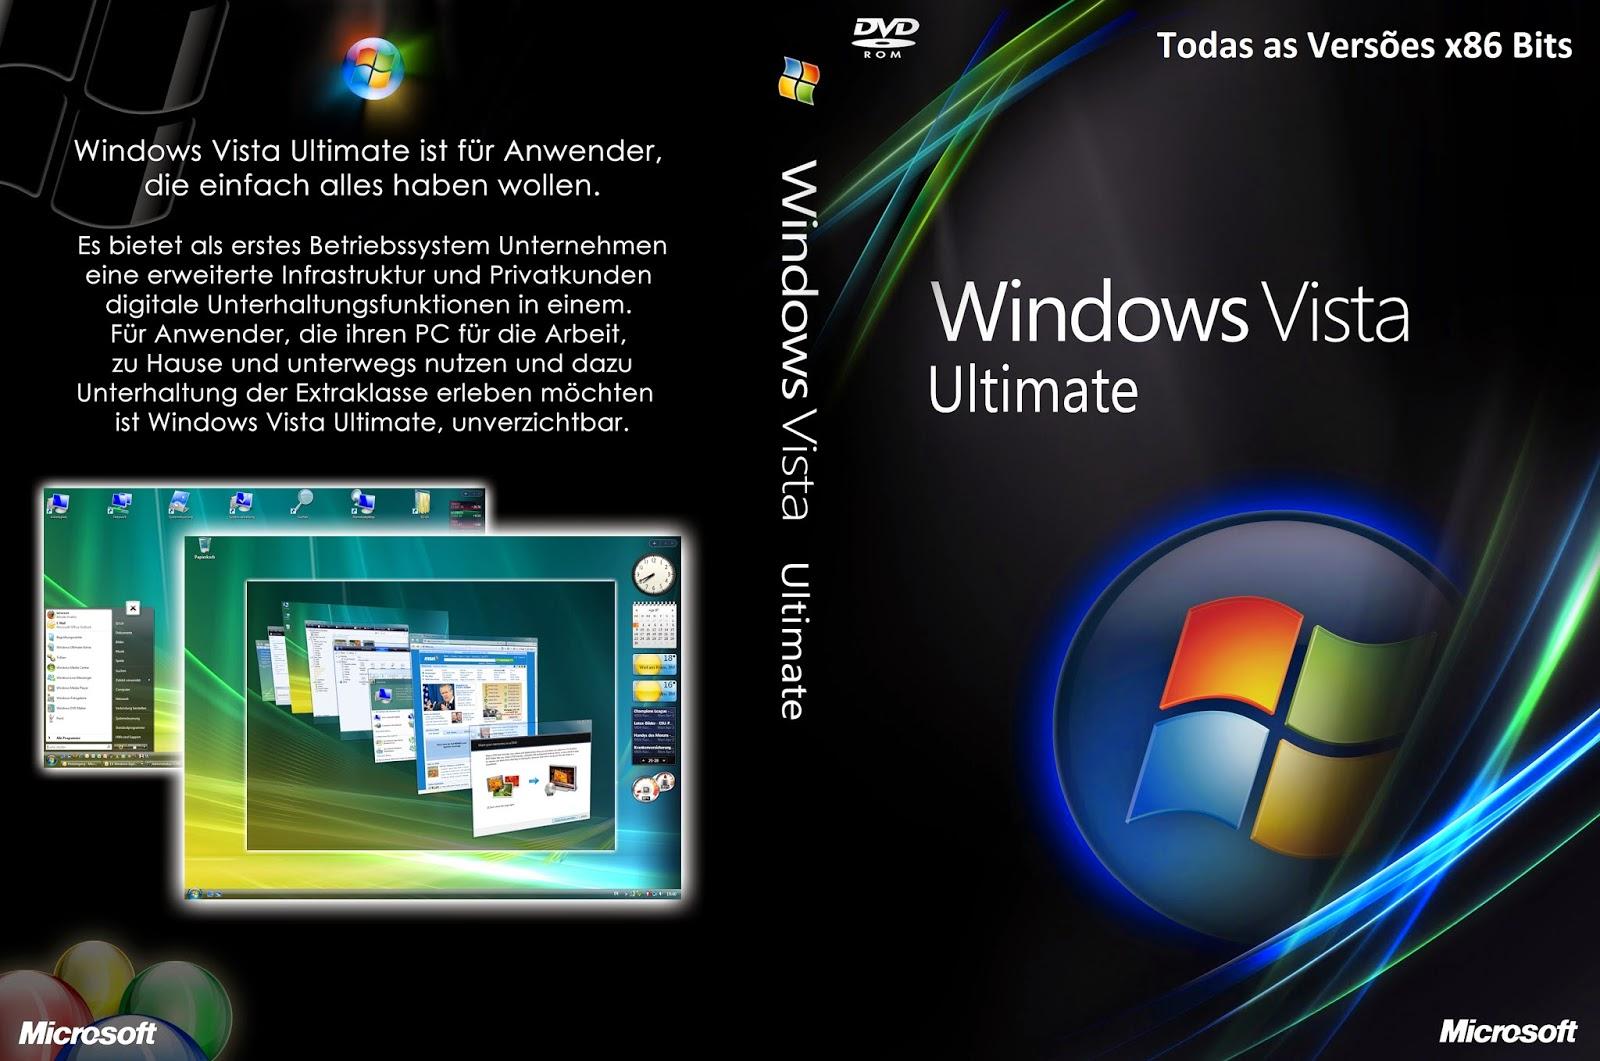 Windows Vista Todas as Versões x86 Bits DVD Capa